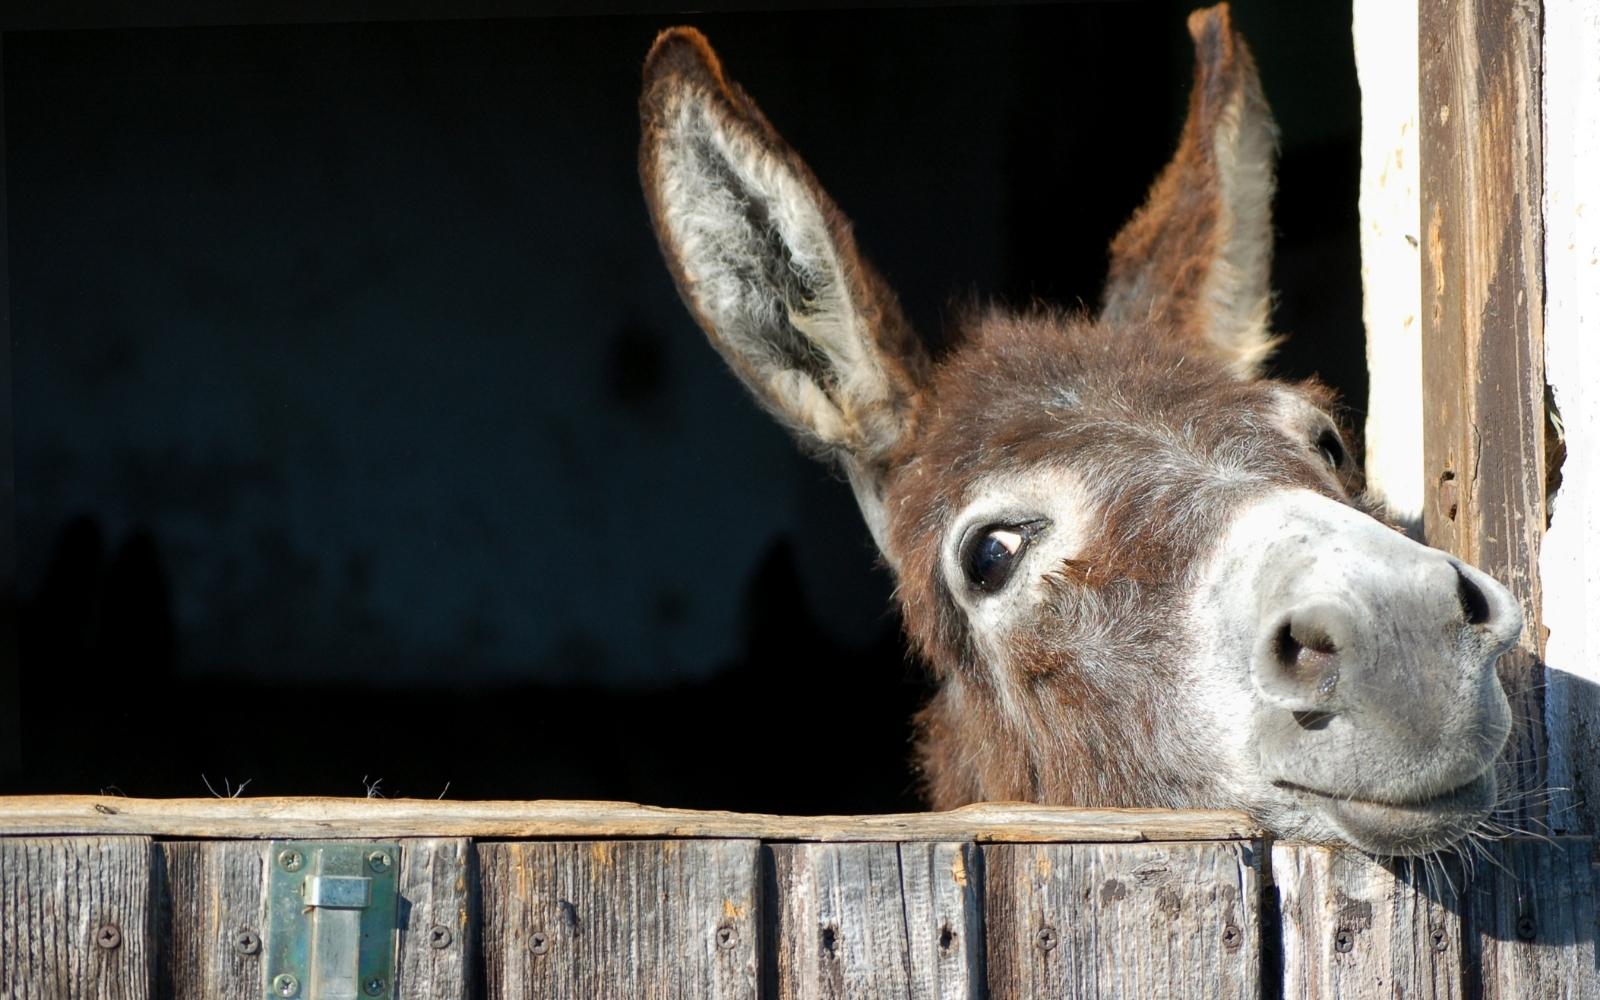 burro mirando de reojo